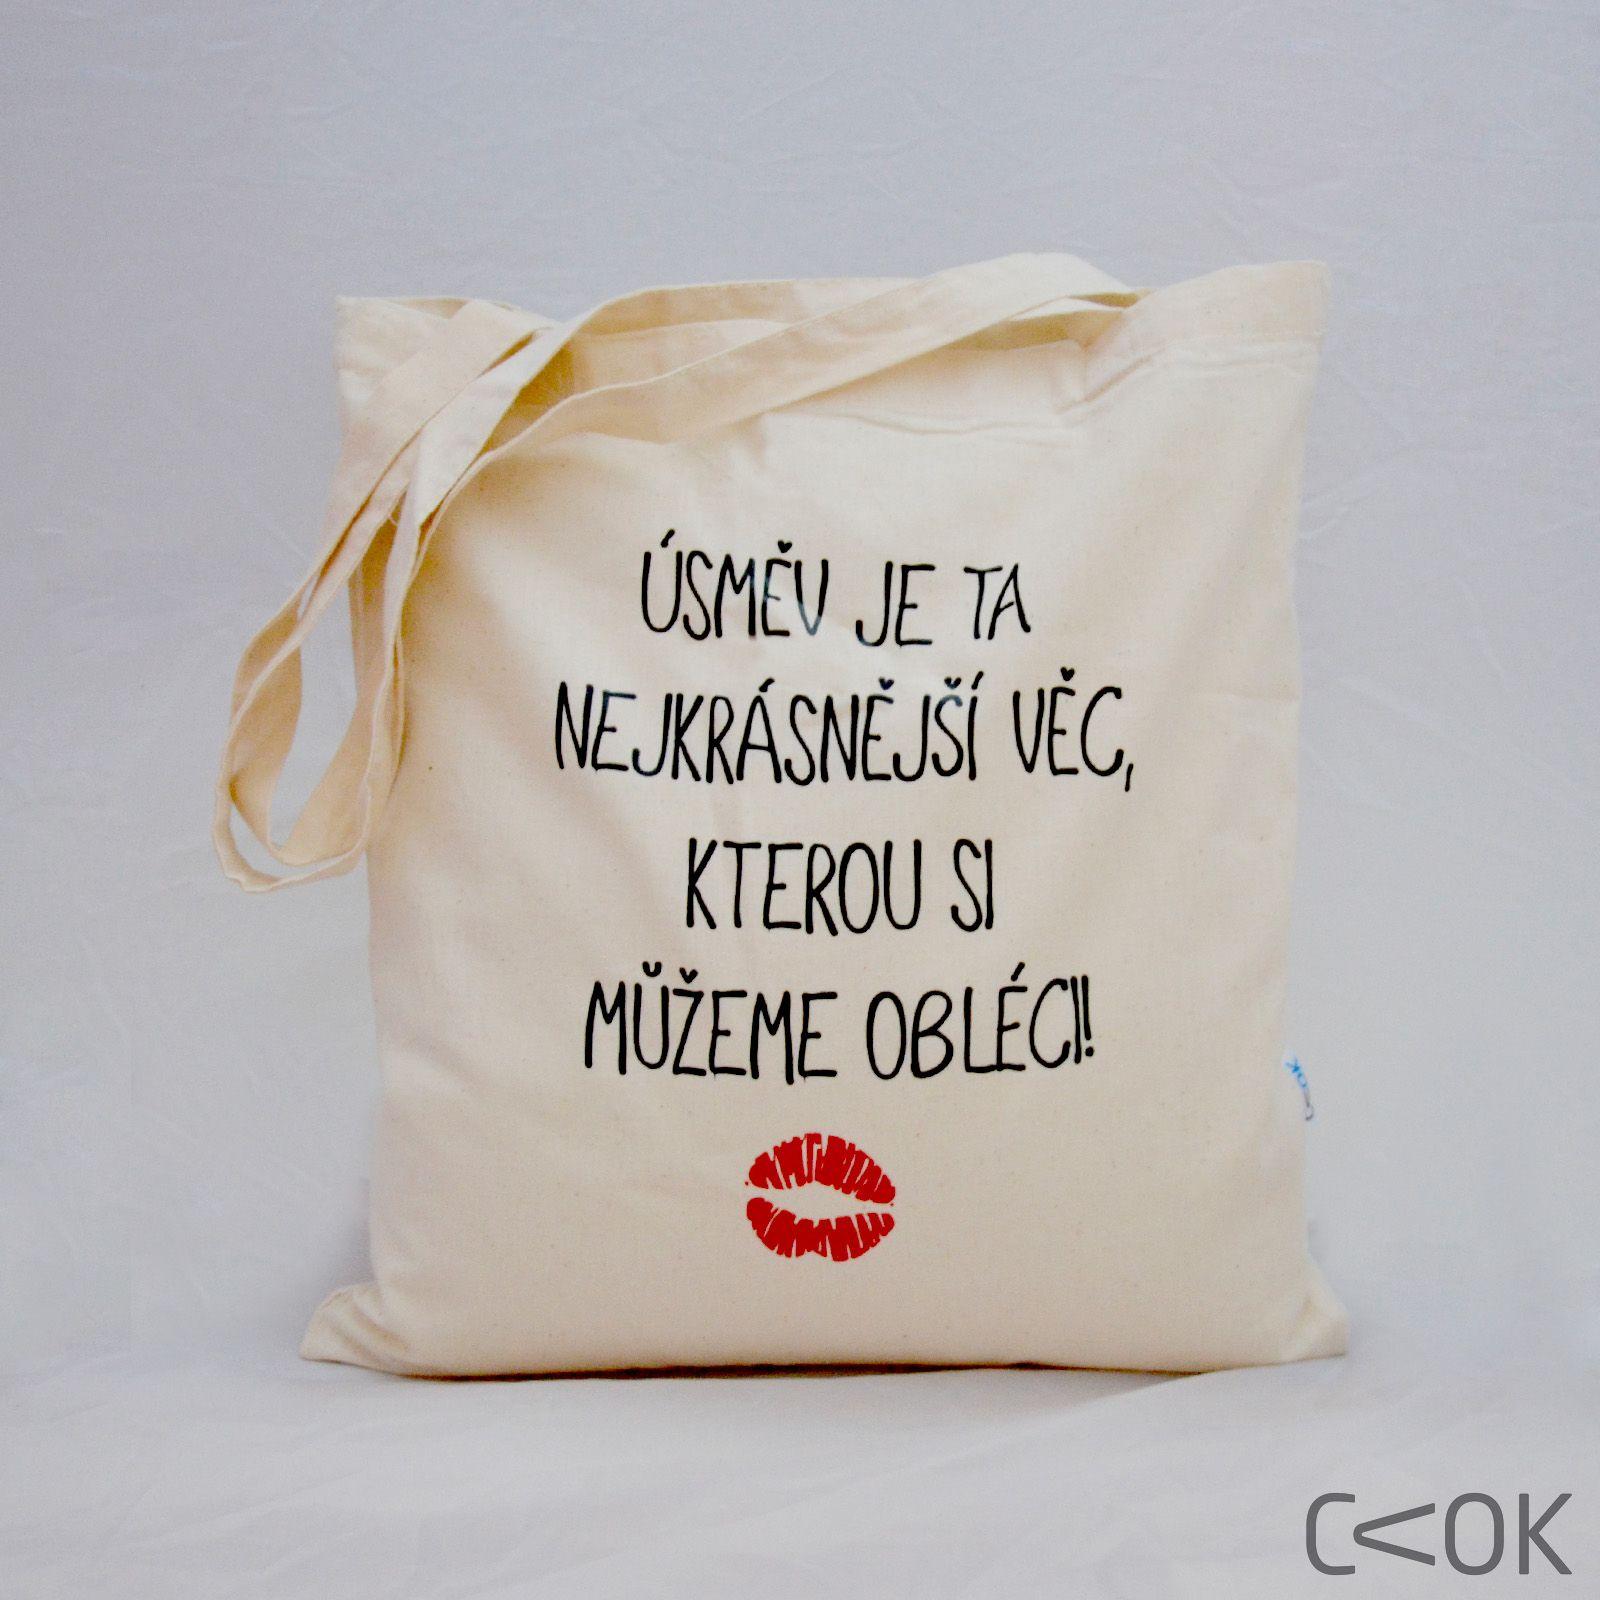 1336ec537 Plátěná taška na nákupy : Barva je natural - rozměry: cca 35x40cm, délka  uší cca 35 cm, vhodné i přes rameno - tašky vyrábím až po objednání a.